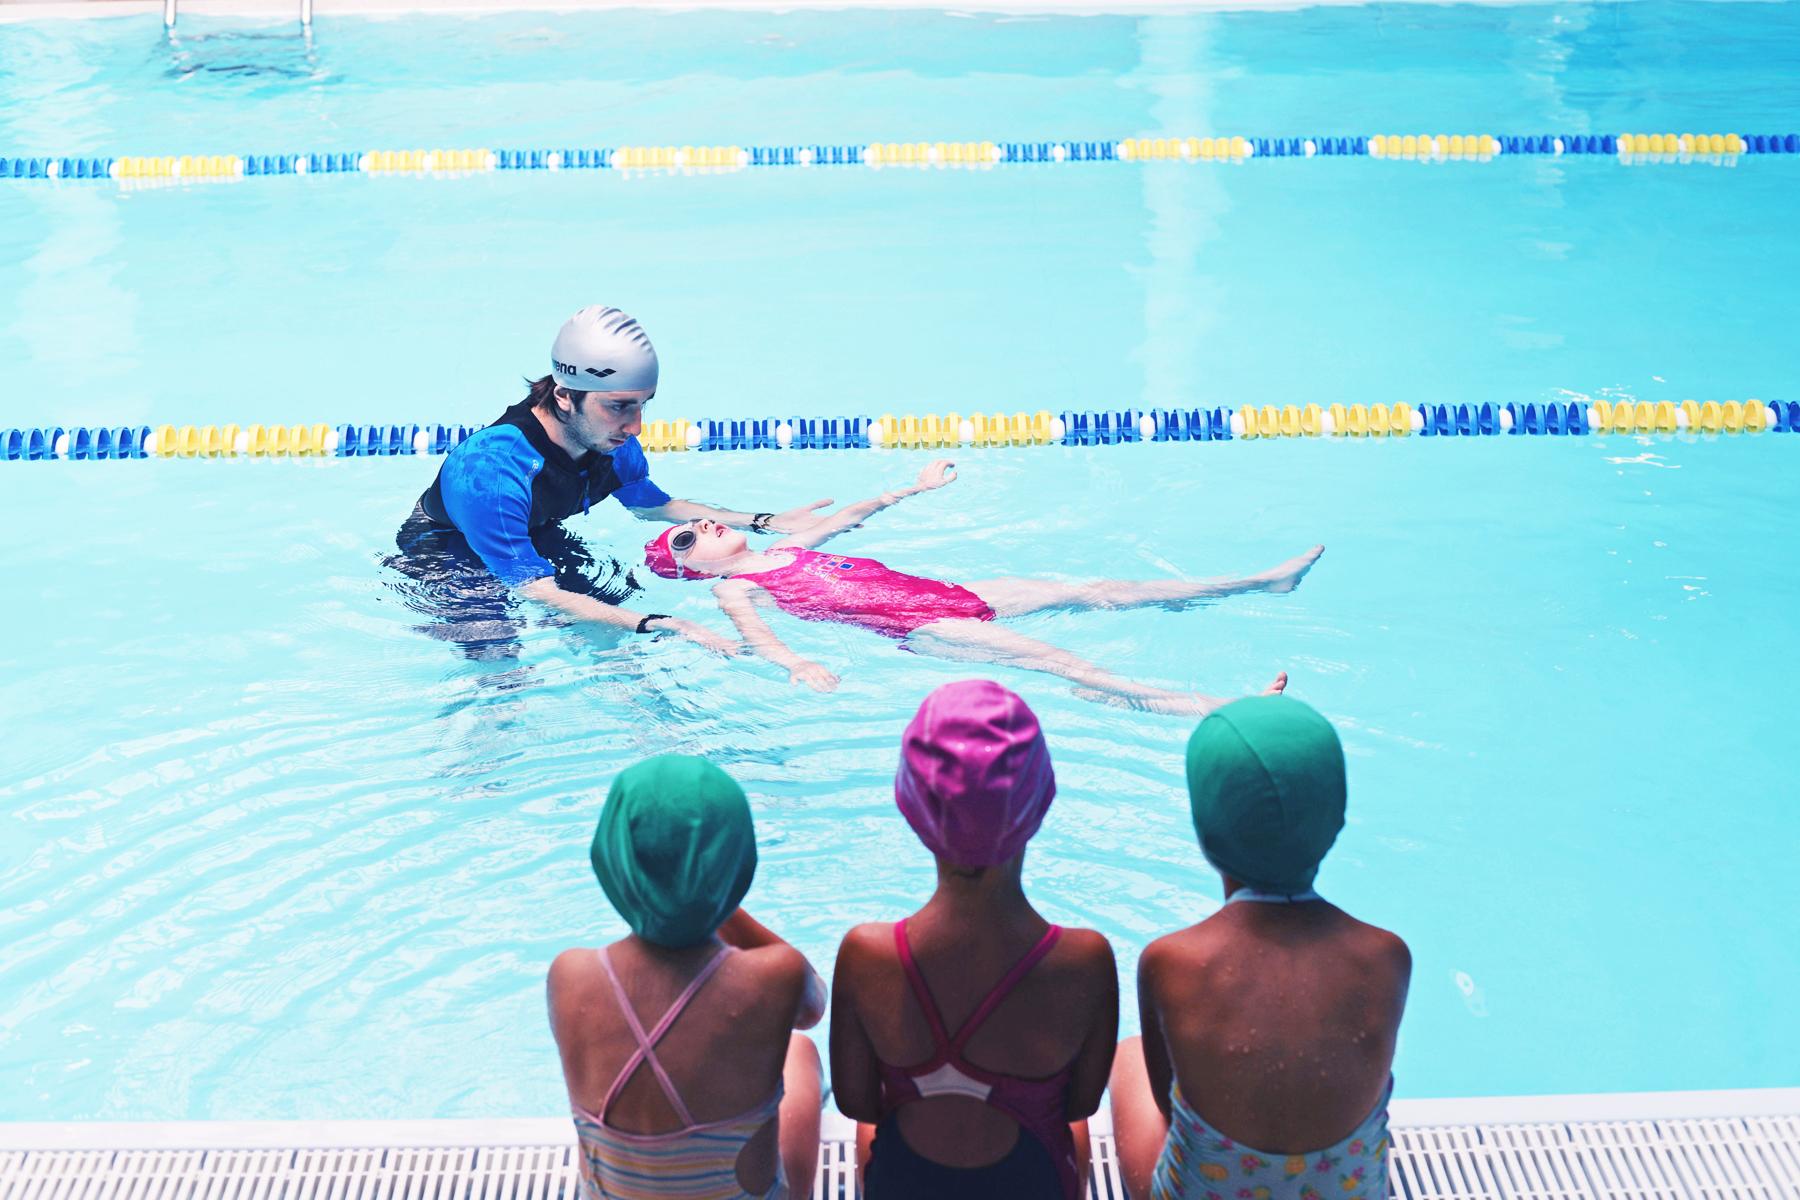 Focus nuoto ragazzi piscina centro ferrero - Nuoto in piscina ...